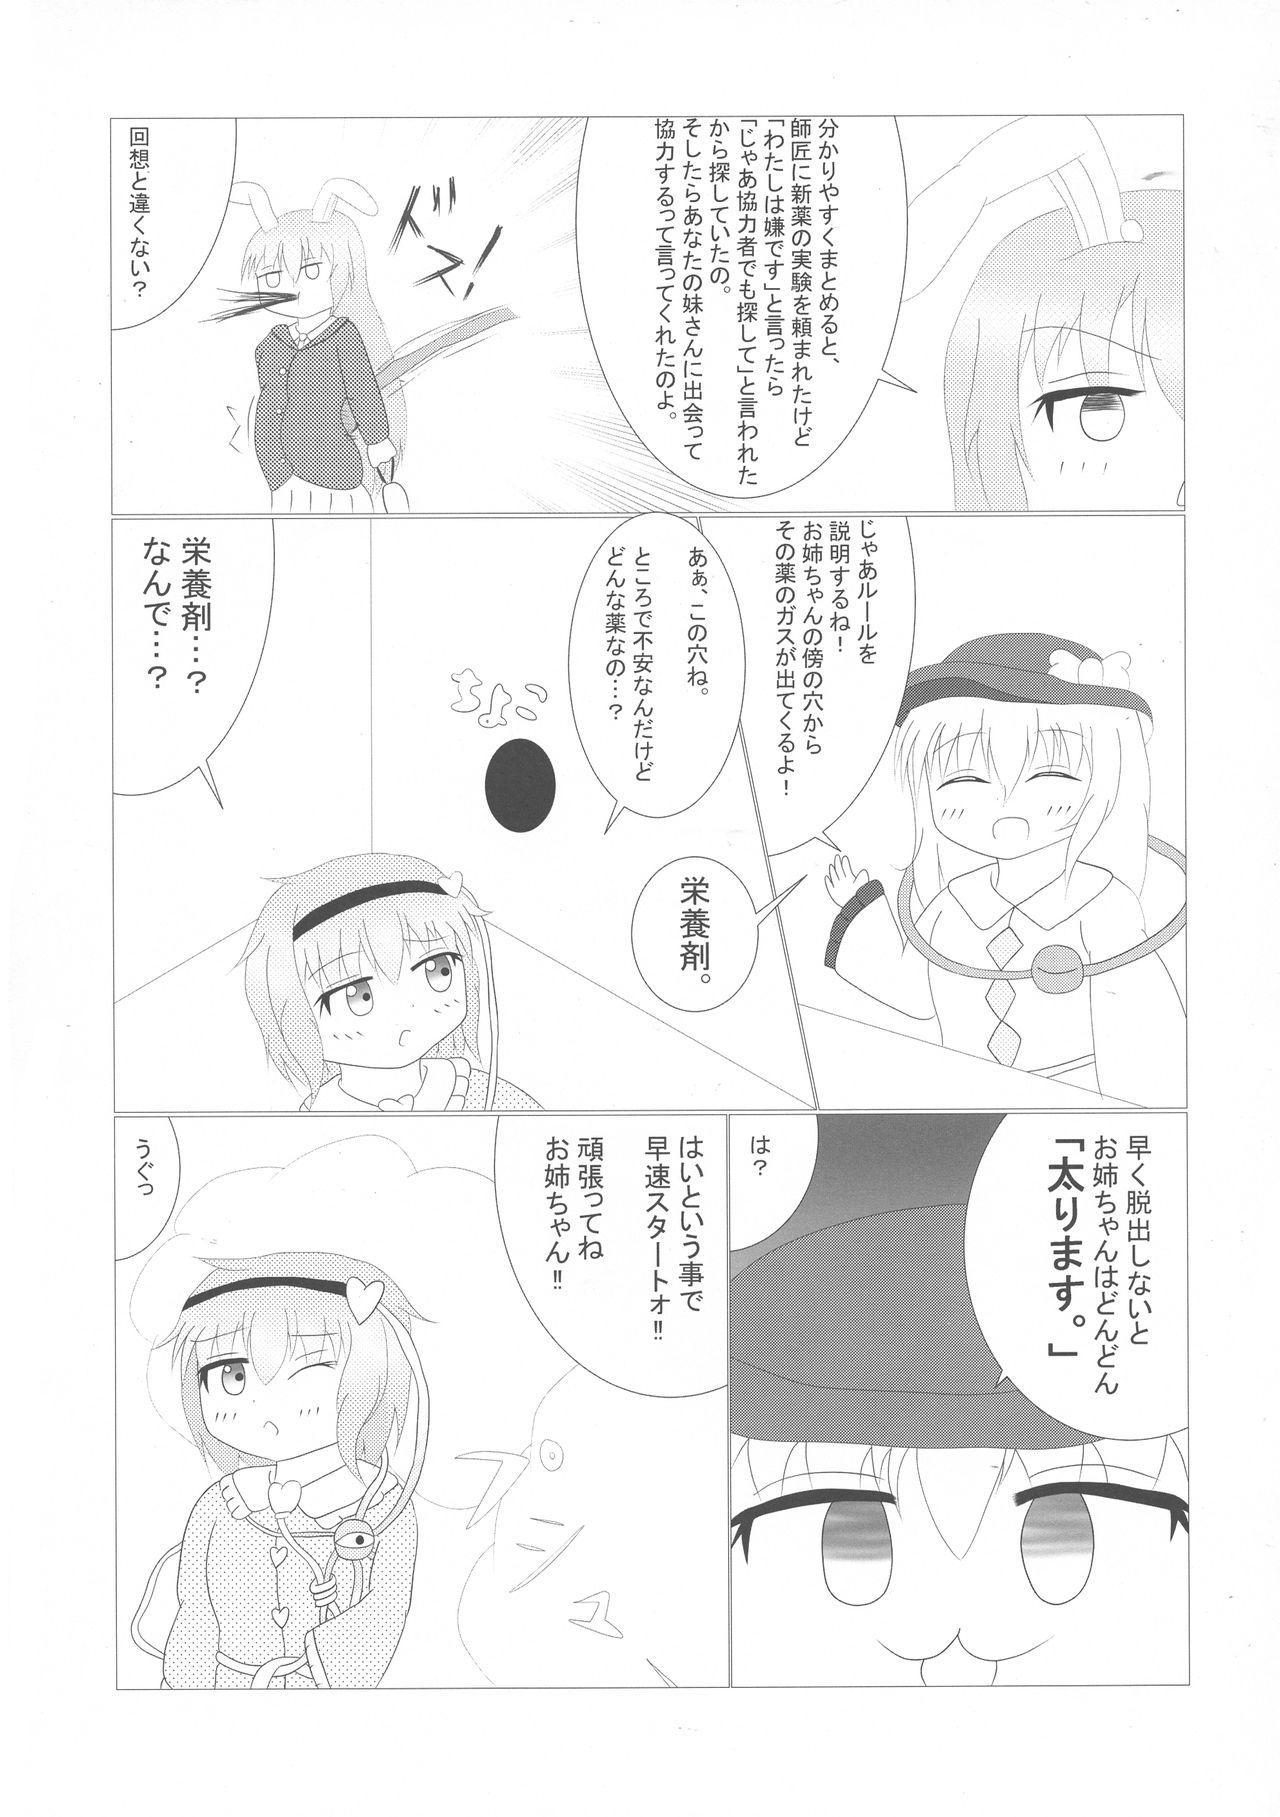 (Reitaisai 15) [HORIC WORKS (Various)] Touhou Bouchou-kei Sougou Goudou-shi `Boujo 2!!!!!!!!' (Touhou Project) 42